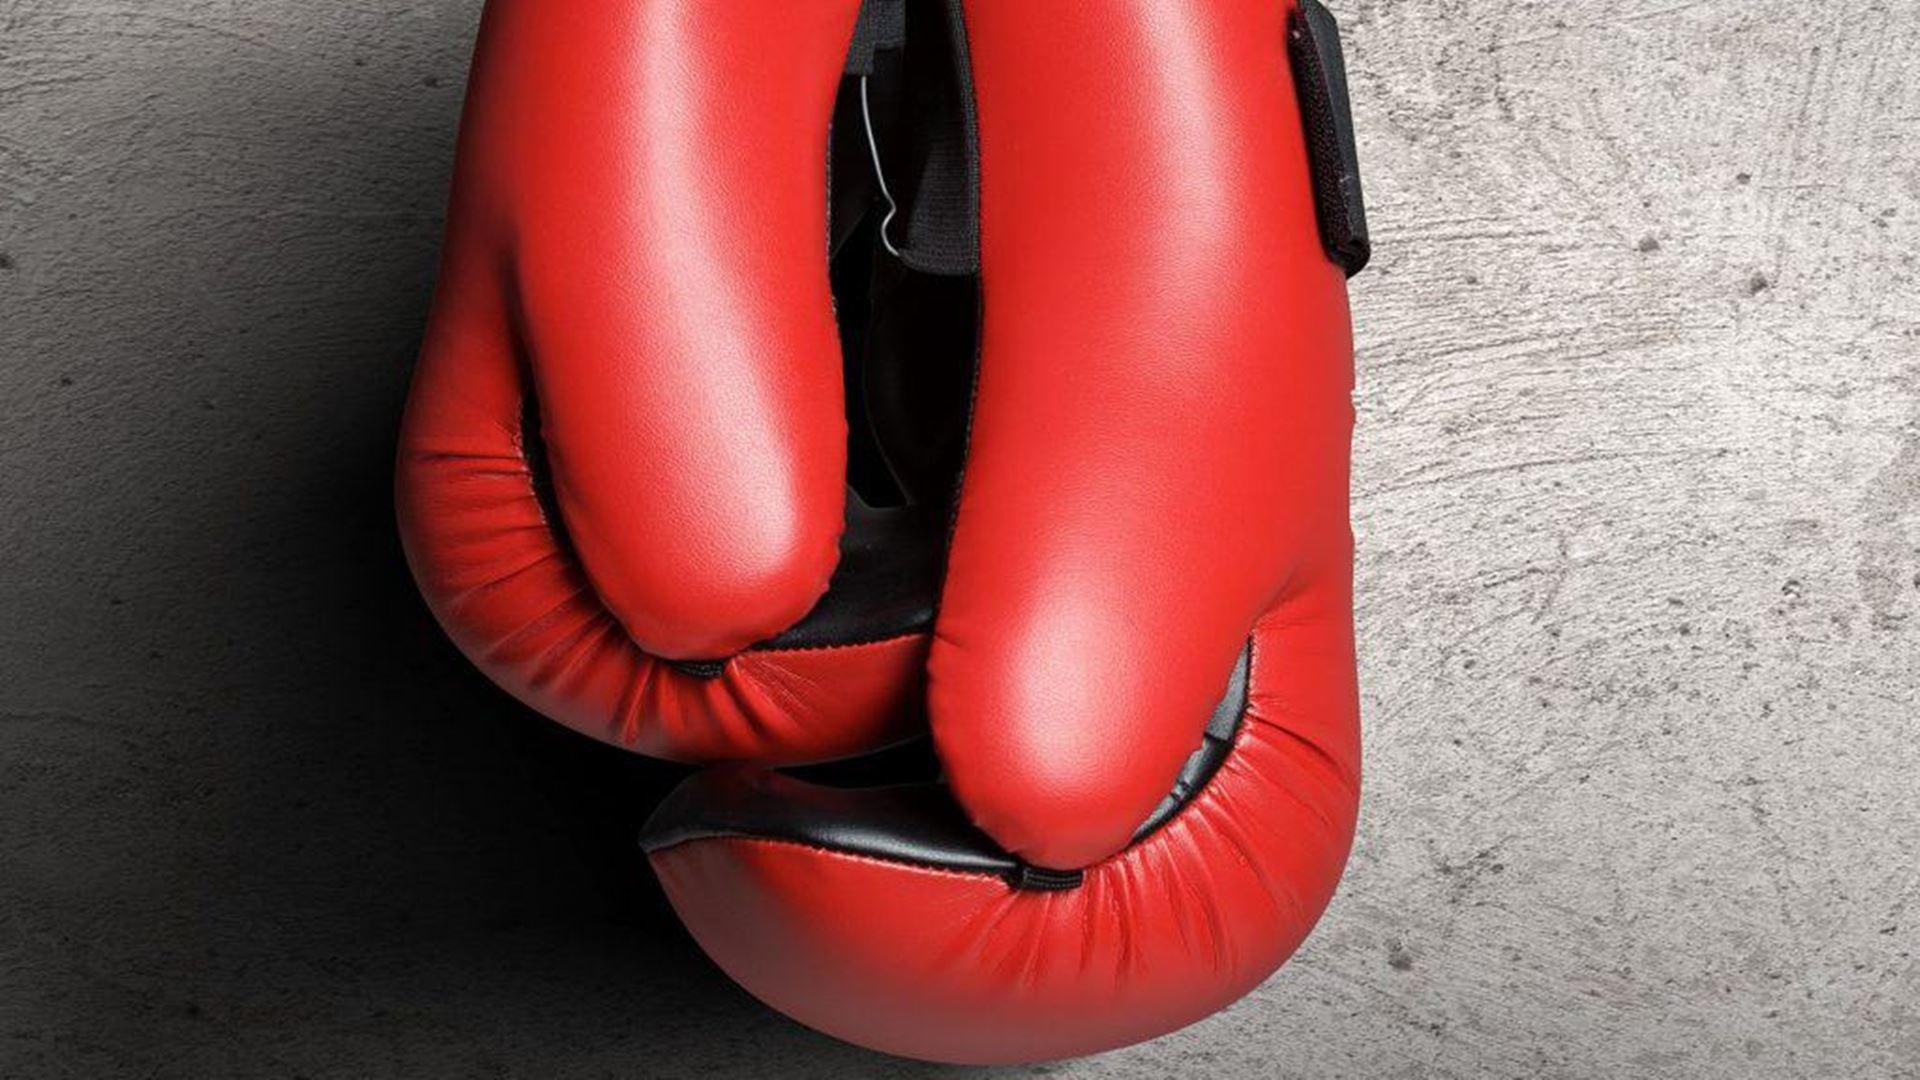 Migliori guantoni boxe 2021: Guida all'acquisto